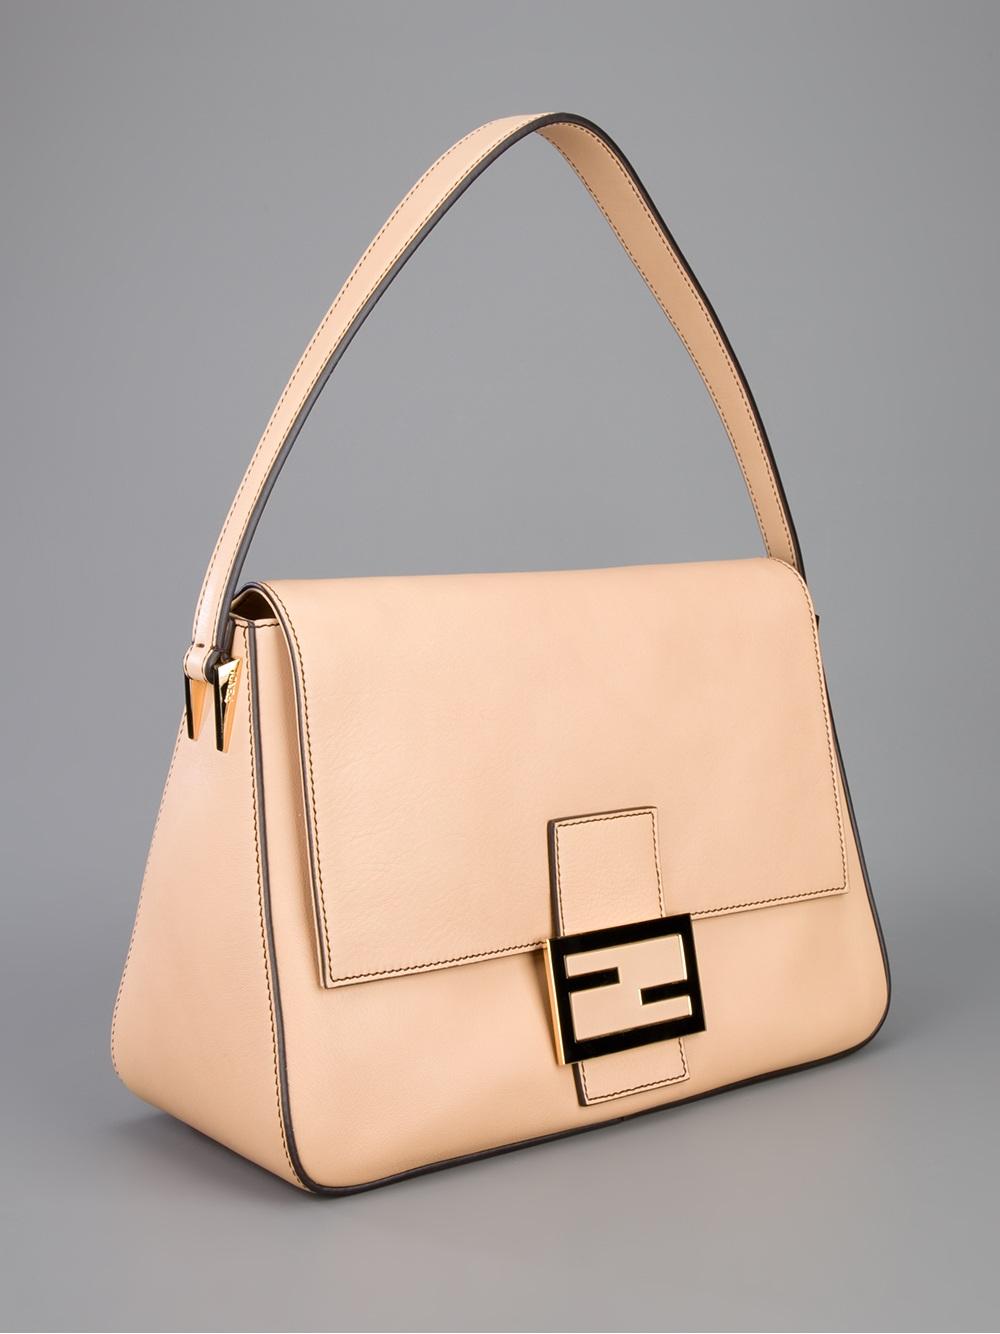 73c238937795 Lyst - Fendi Big Mamma Shoulder Bag in Natural